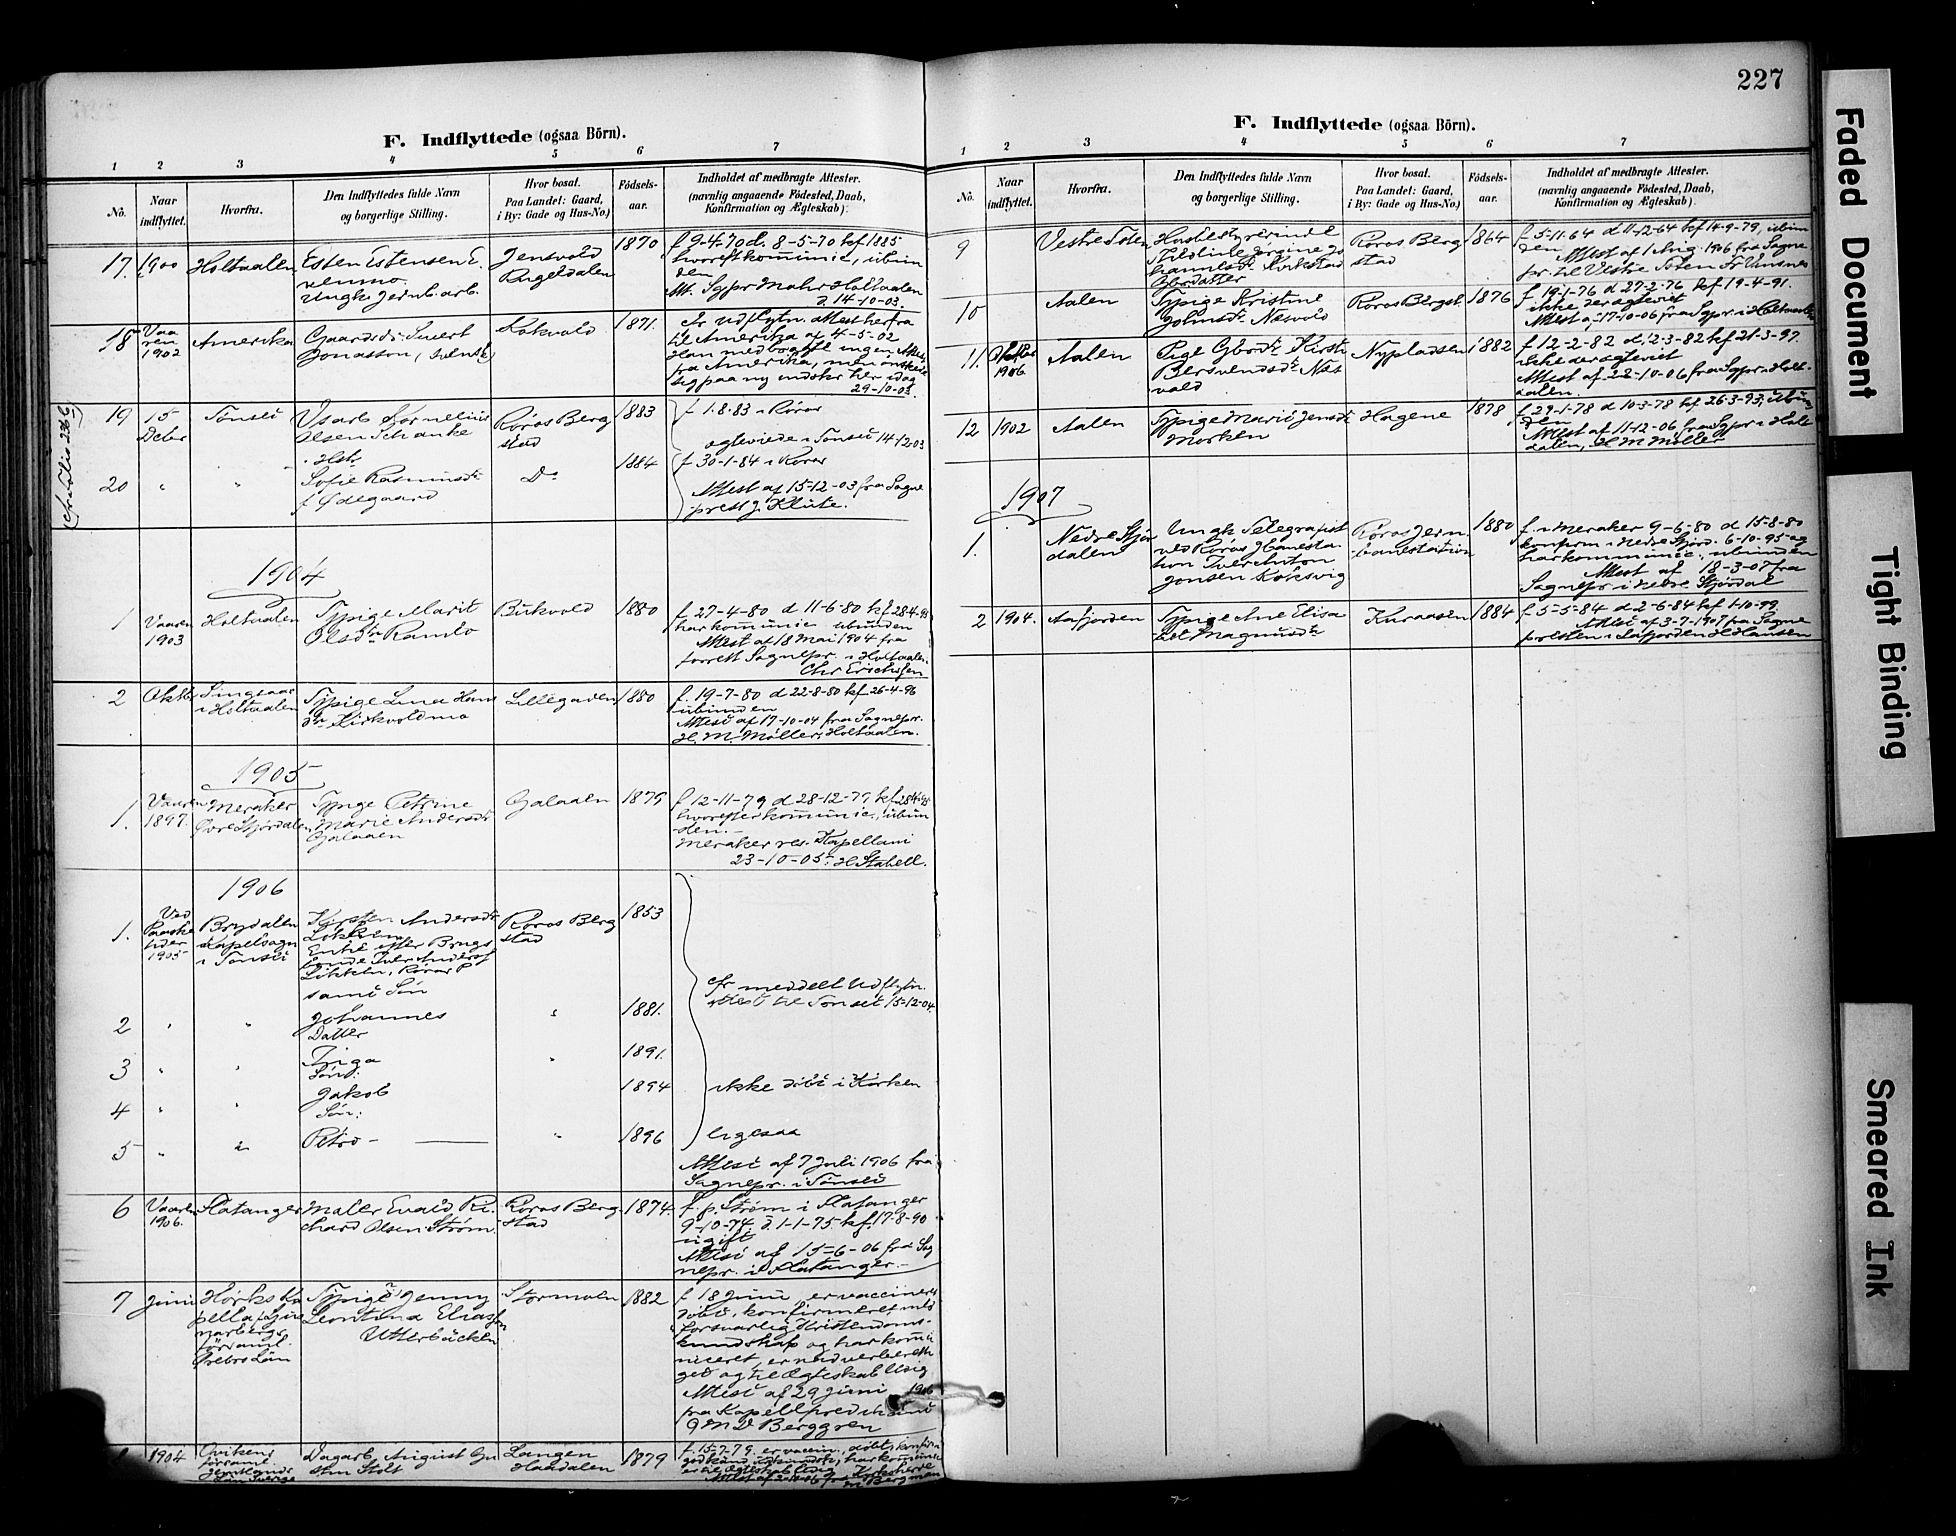 SAT, Ministerialprotokoller, klokkerbøker og fødselsregistre - Sør-Trøndelag, 681/L0936: Ministerialbok nr. 681A14, 1899-1908, s. 227